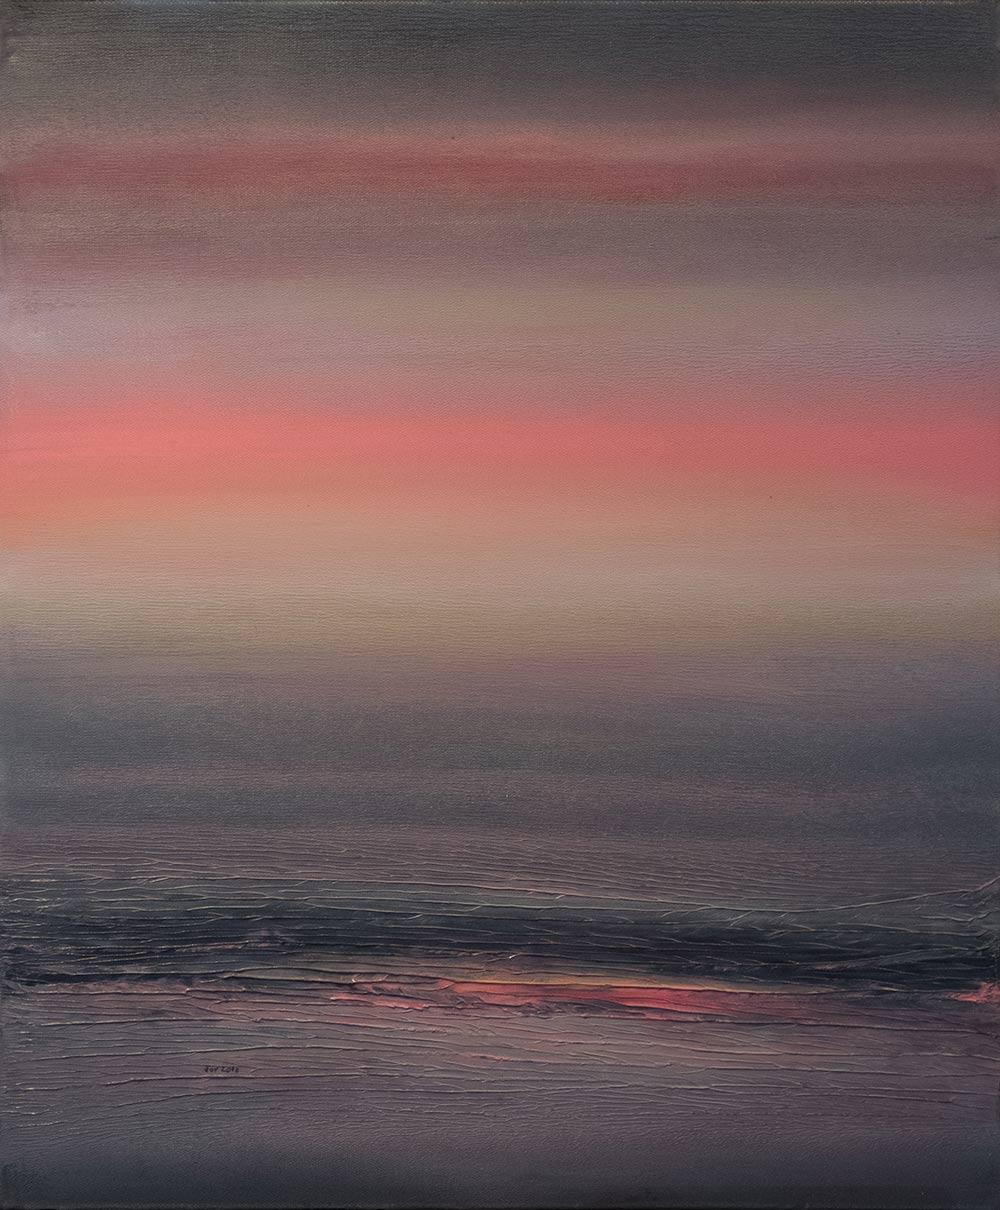 David-Joy-Seascapes-D19-013-65